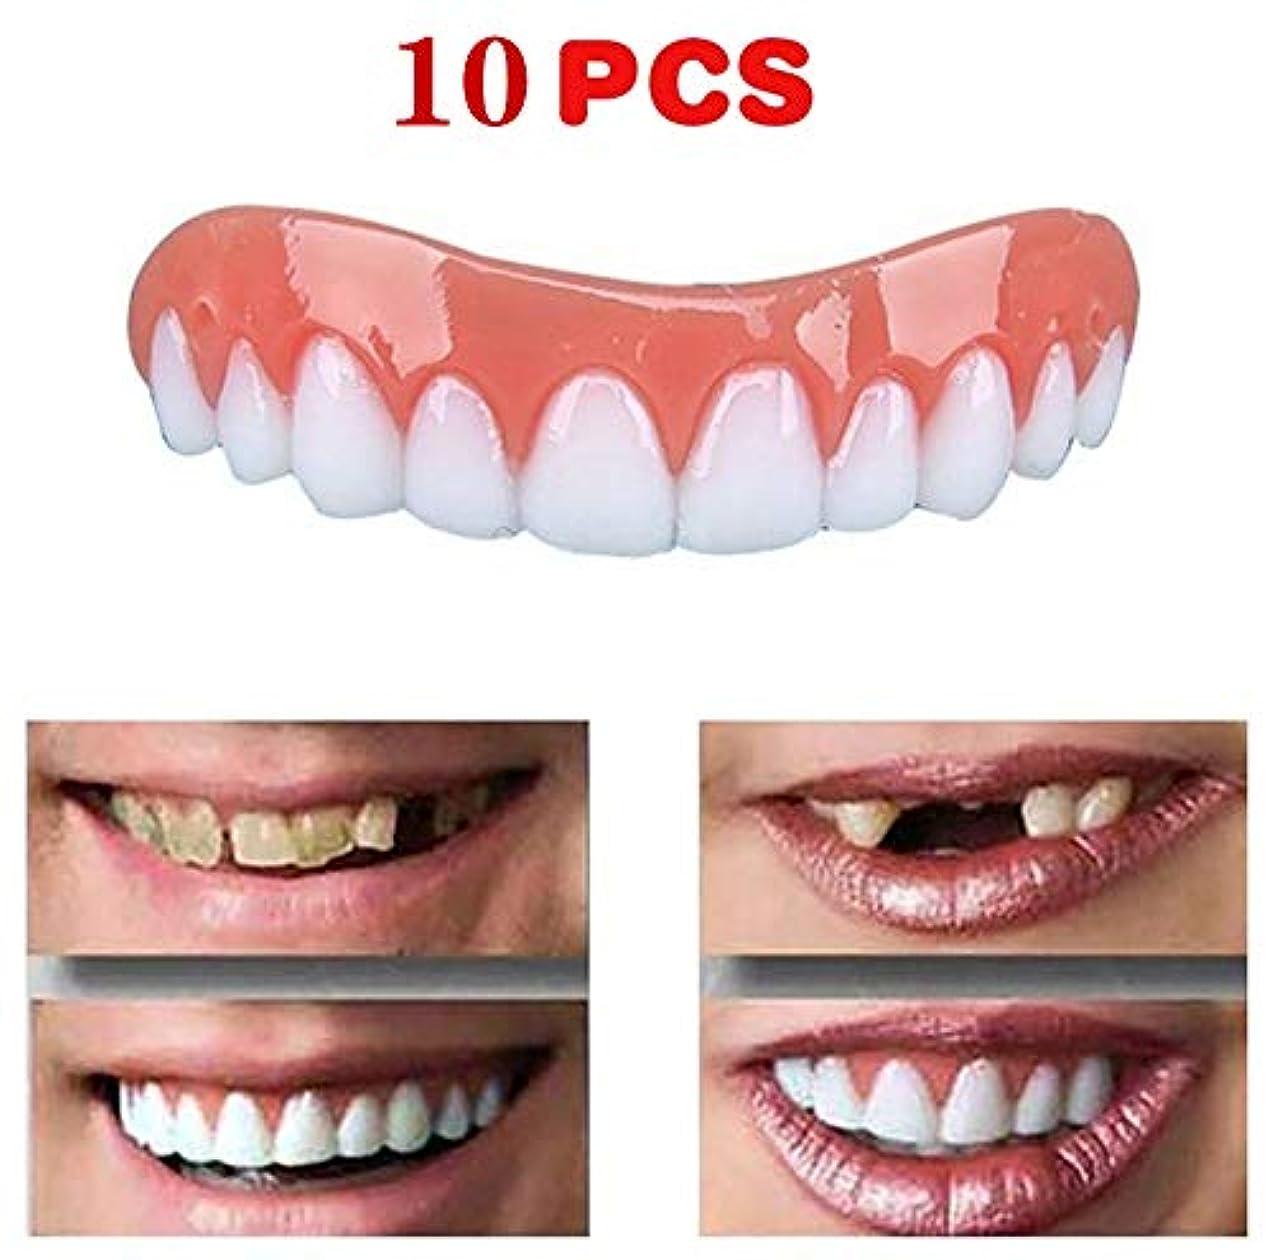 を通して行動有望10ピース新しい再利用可能な大人のスナップオンパーフェクトスマイルホワイトニング義歯フィットフレックス化粧品歯快適な突き板カバーデンタルケアアクセサリー